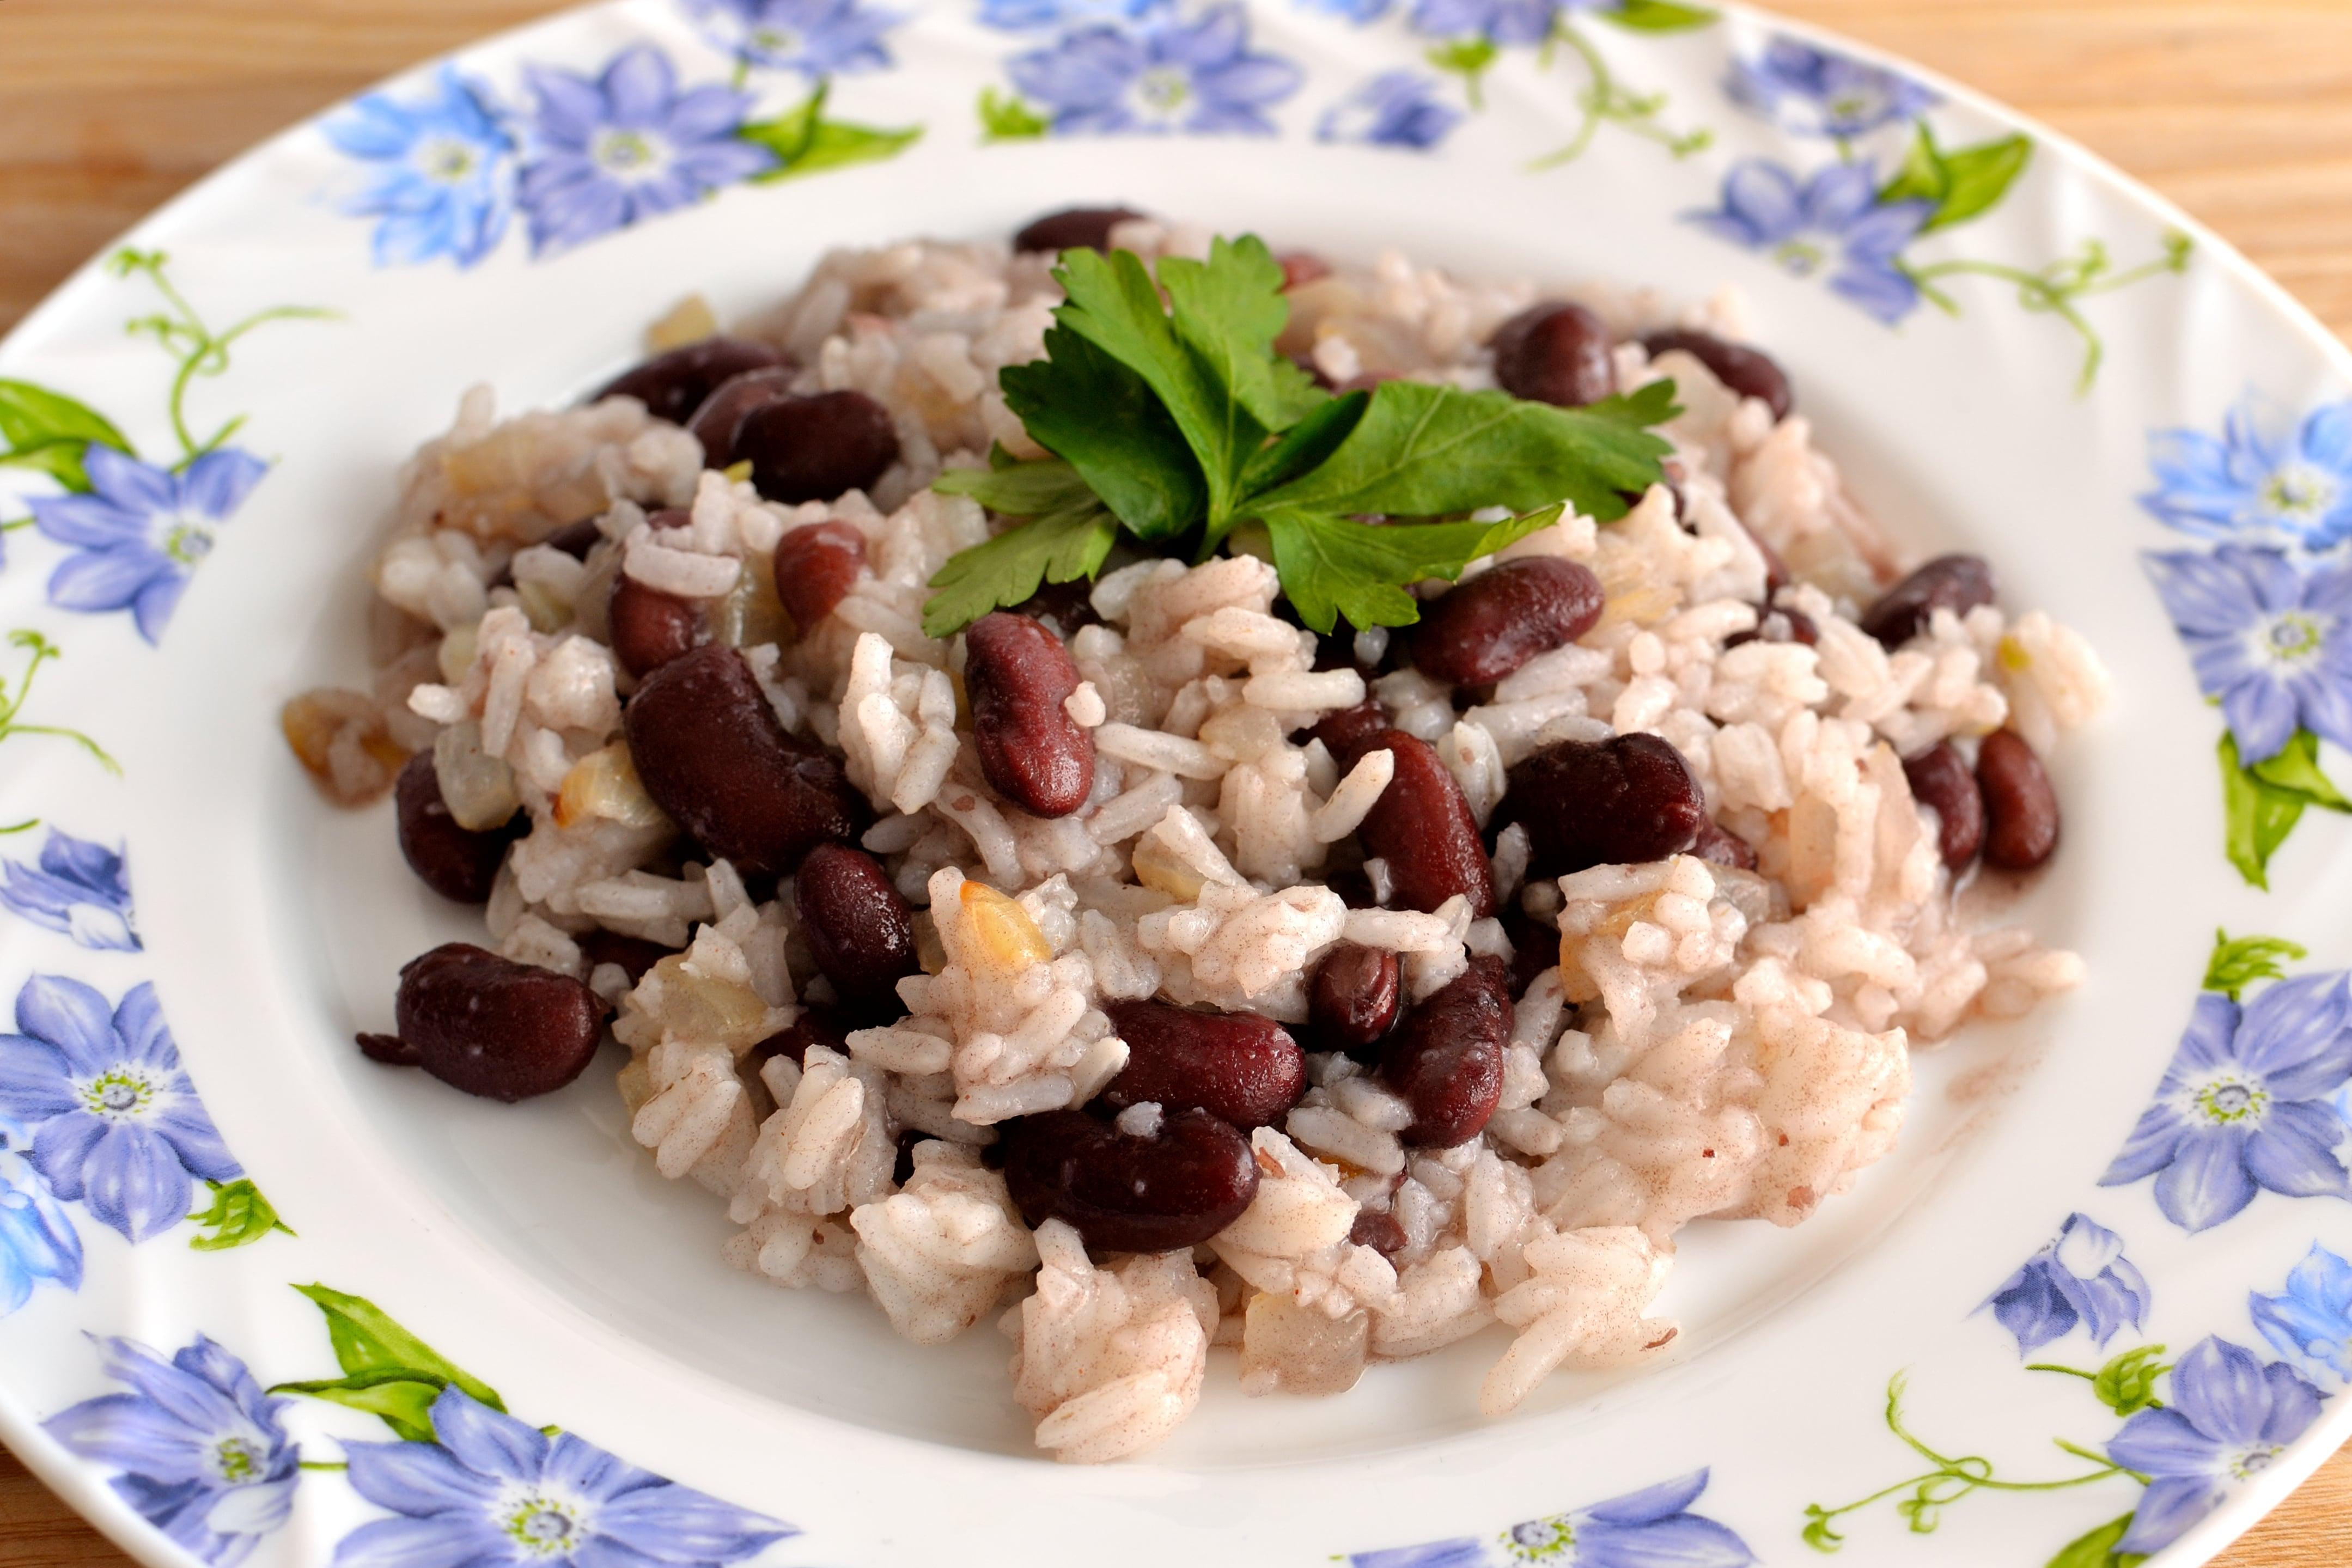 comida-tipica-de-nicaragua-6